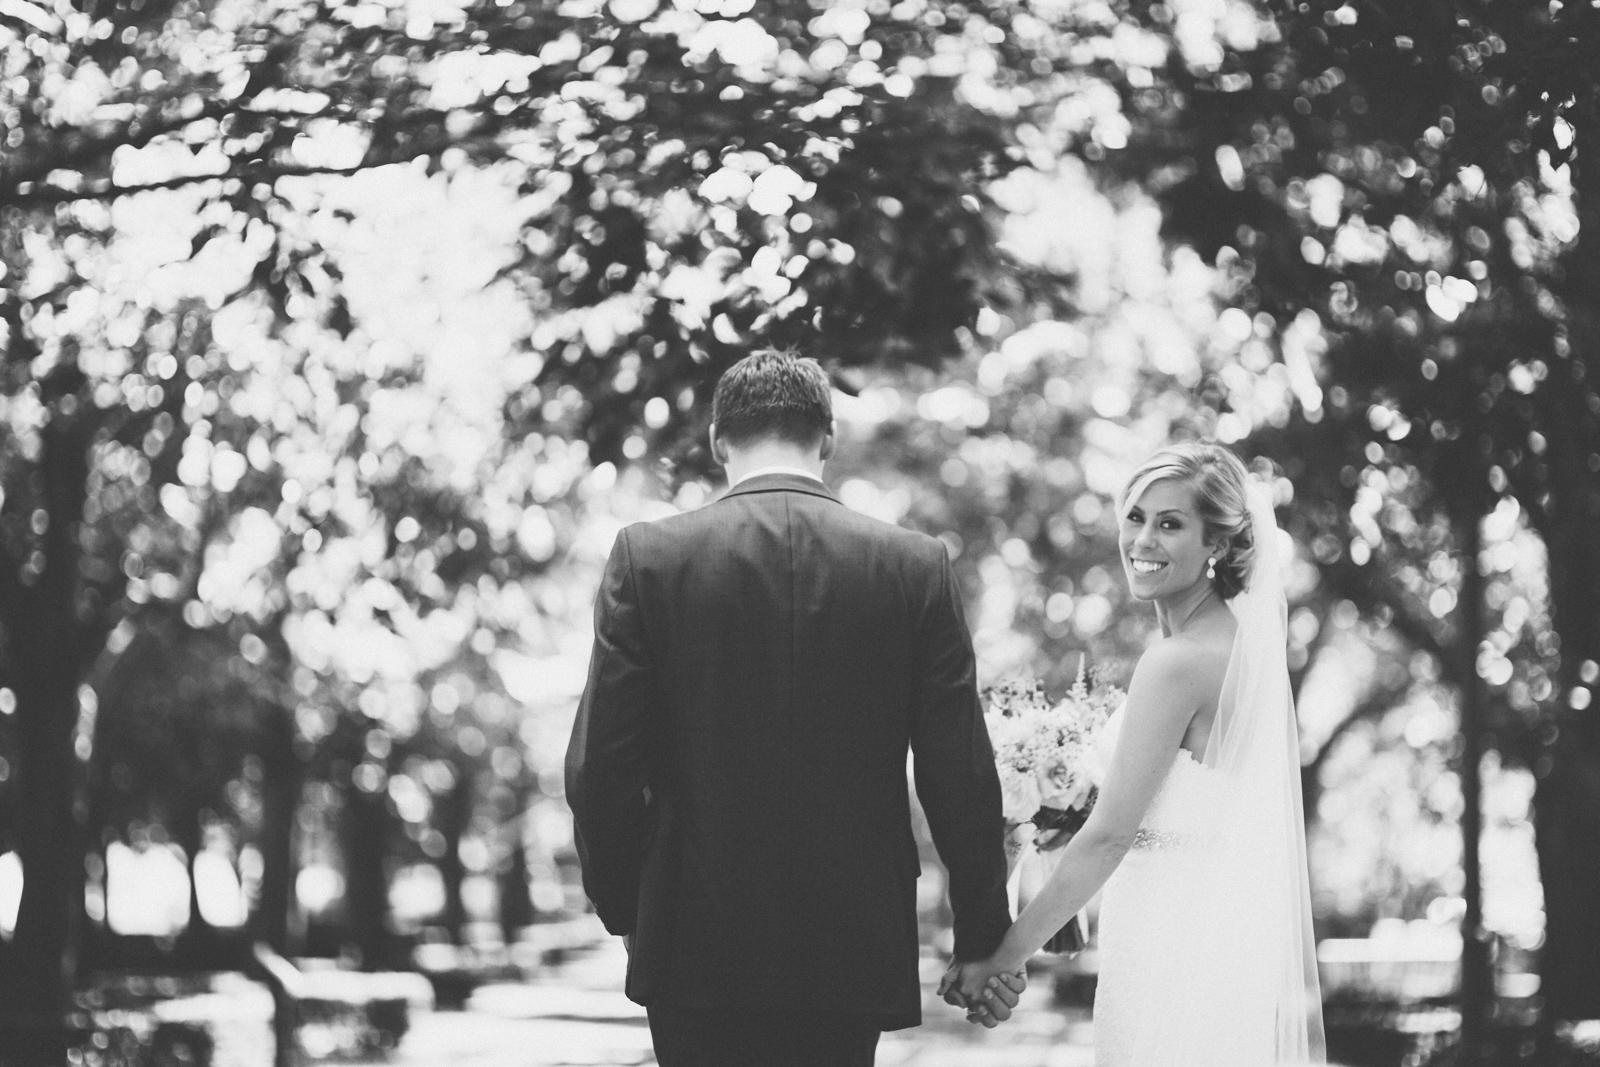 Bride and groom walking - bride looking back